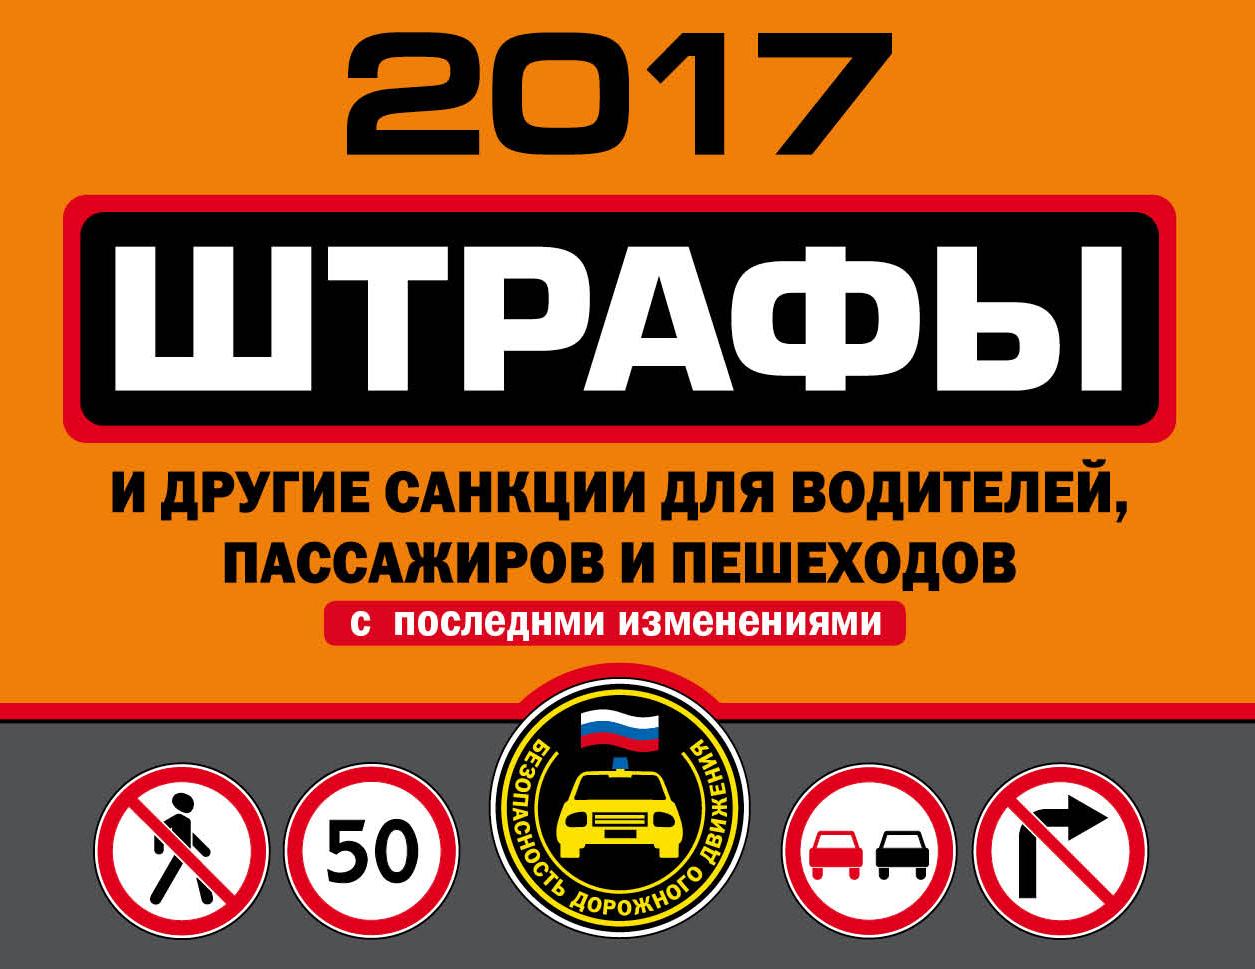 Новые изменения для водителей в 2017 году